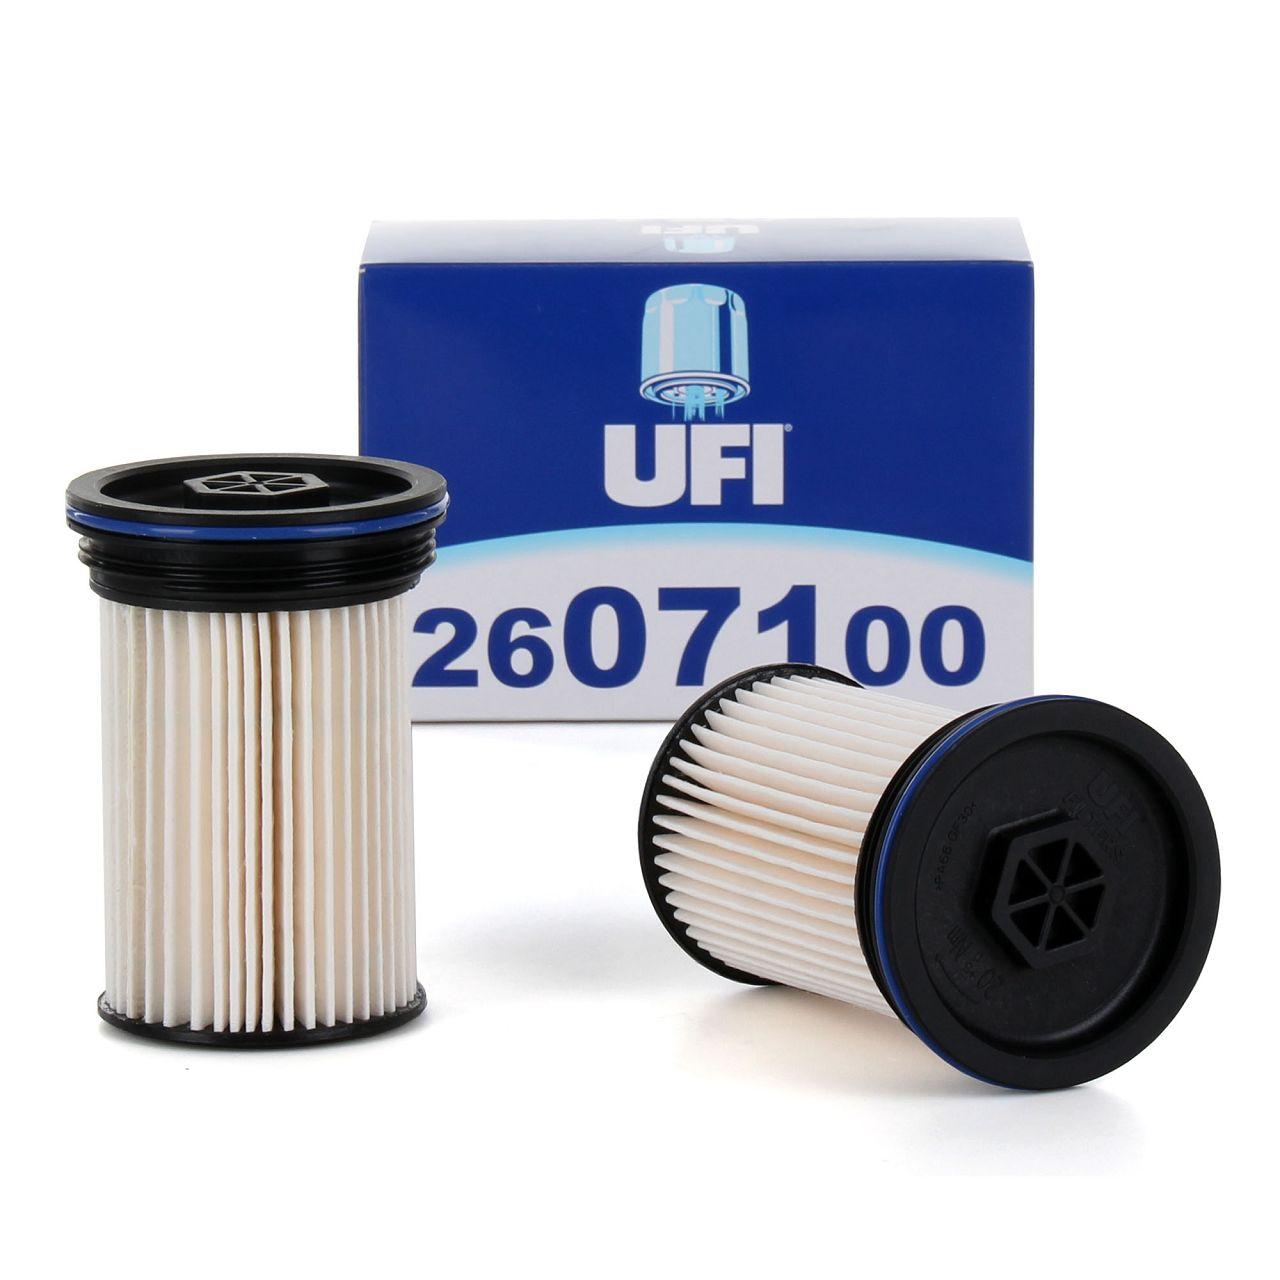 2x UFI Dieselfilter für CHEVROLET CAPTIVA 2.2 D OPEL ANTARA 2.2 CDTi